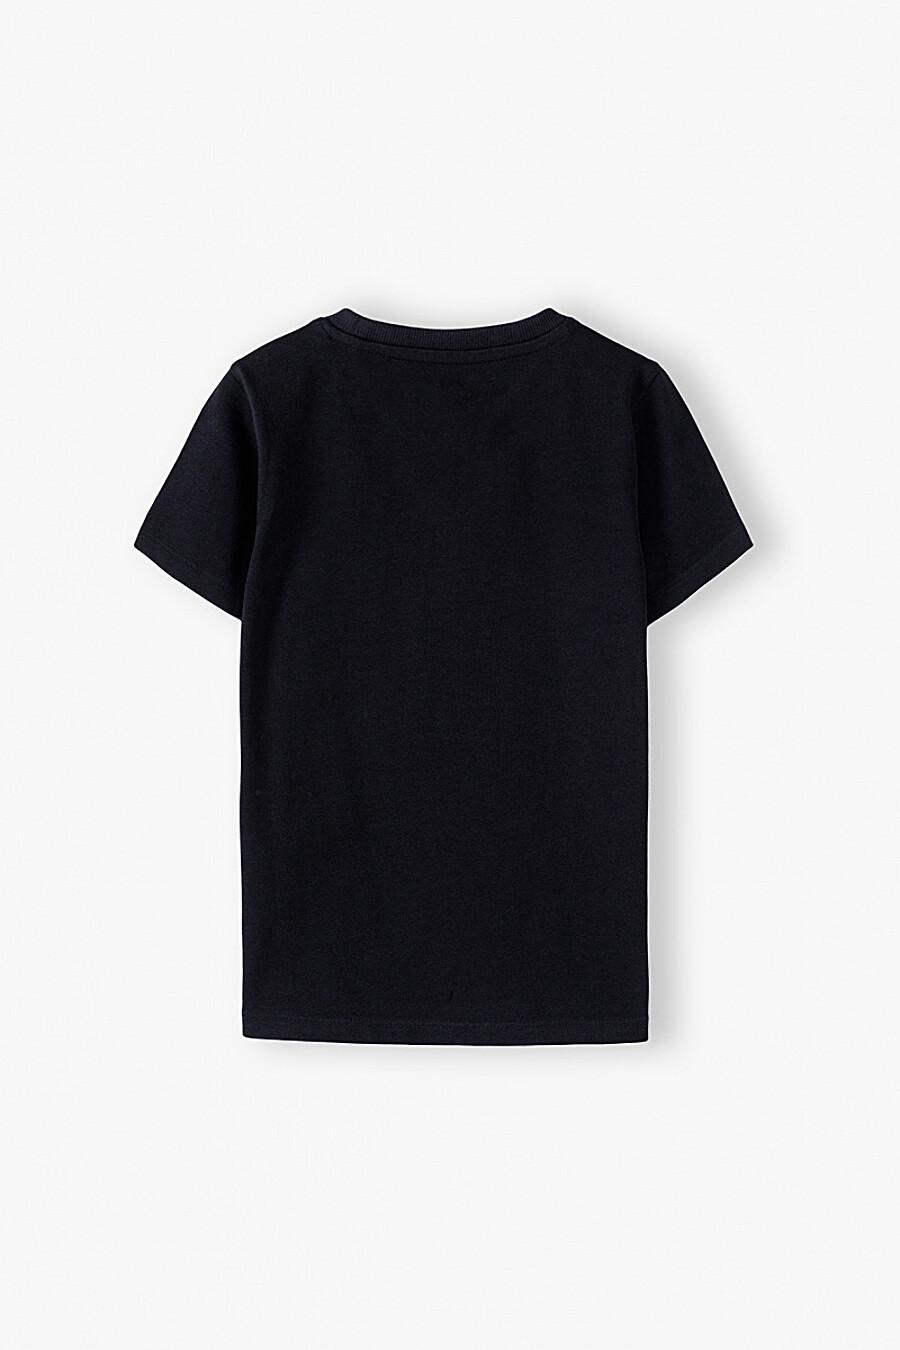 Футболка для мальчиков 5.10.15 699872 купить оптом от производителя. Совместная покупка детской одежды в OptMoyo